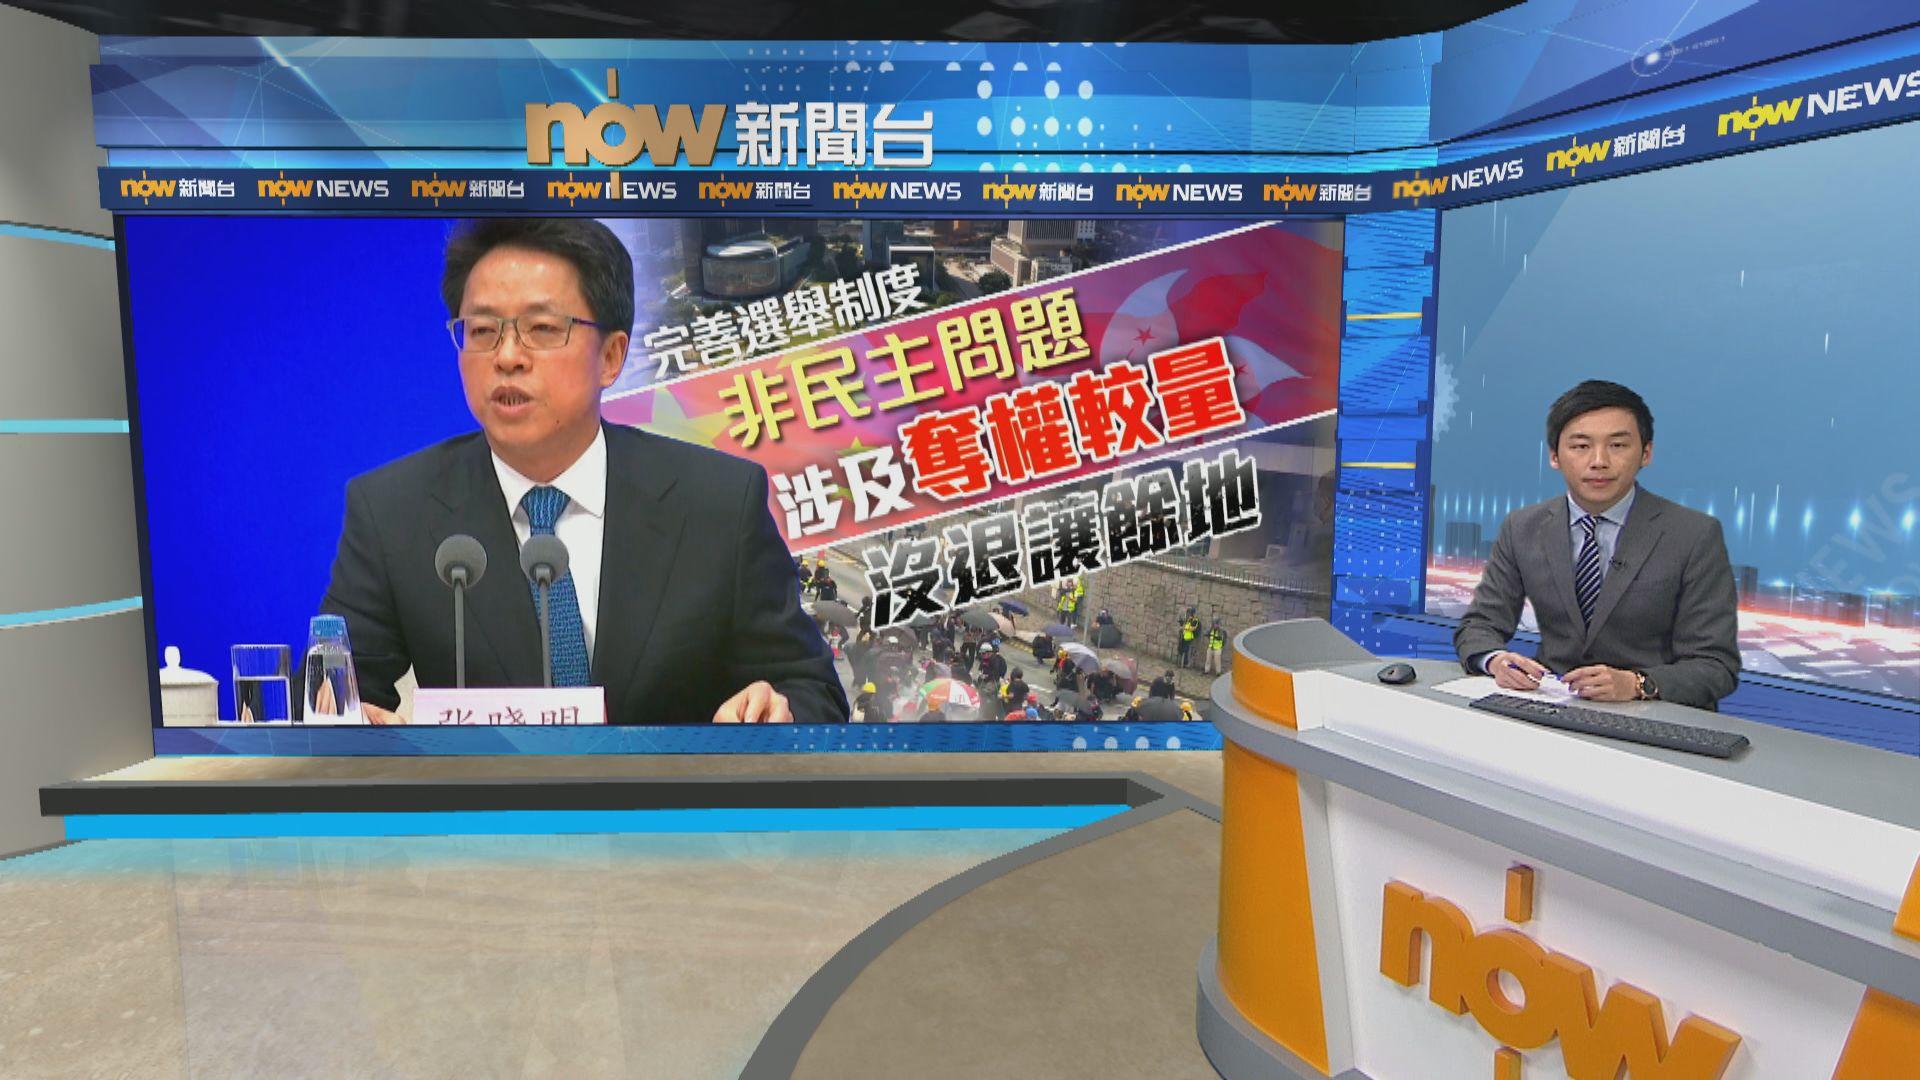 張曉明指香港教育需撥亂反正